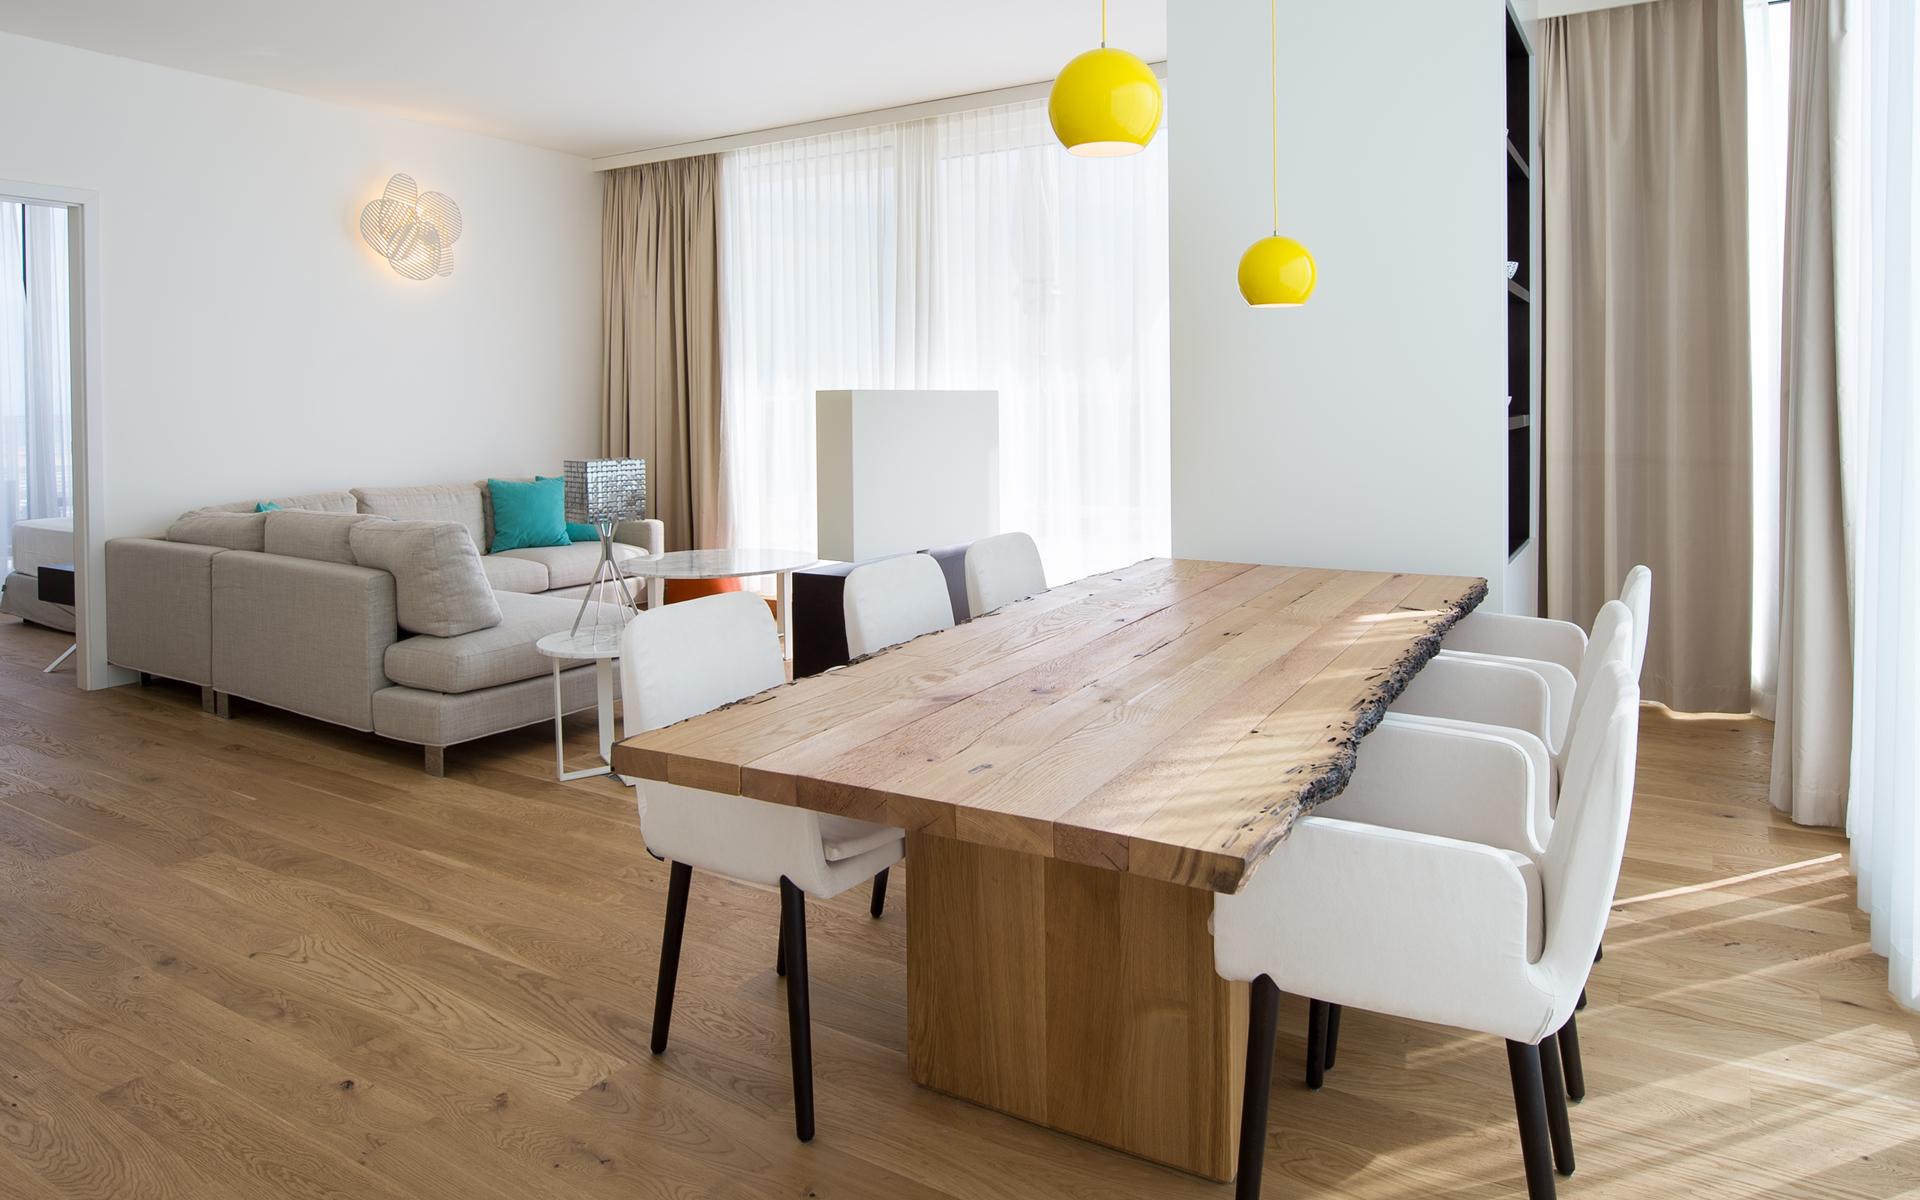 Falkensteiner-hotel-Jesolo_Italy_Italien-rooms-apartments-zimmer-oprema-hotelov_hotel-equipment_hoteleinrichtungen_3